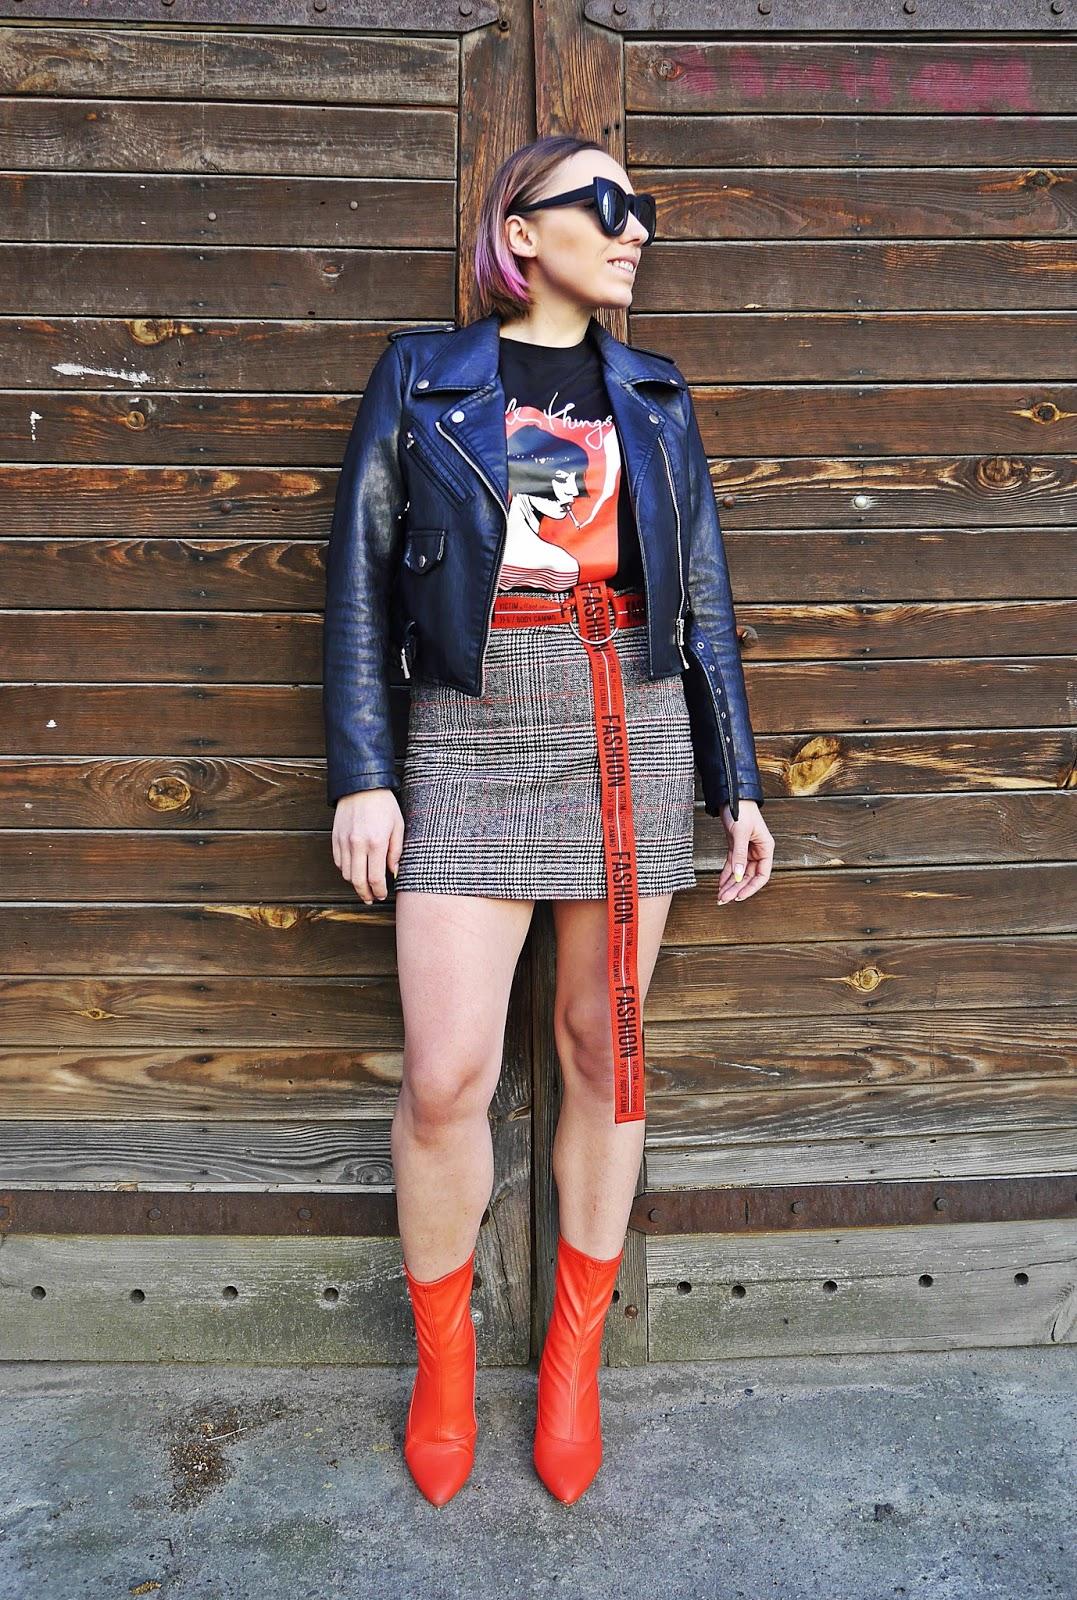 1_spodnica_w_krate_czerwone_botki_t-shirt_z_nadrukiem_karyn_blog_modowy_220418